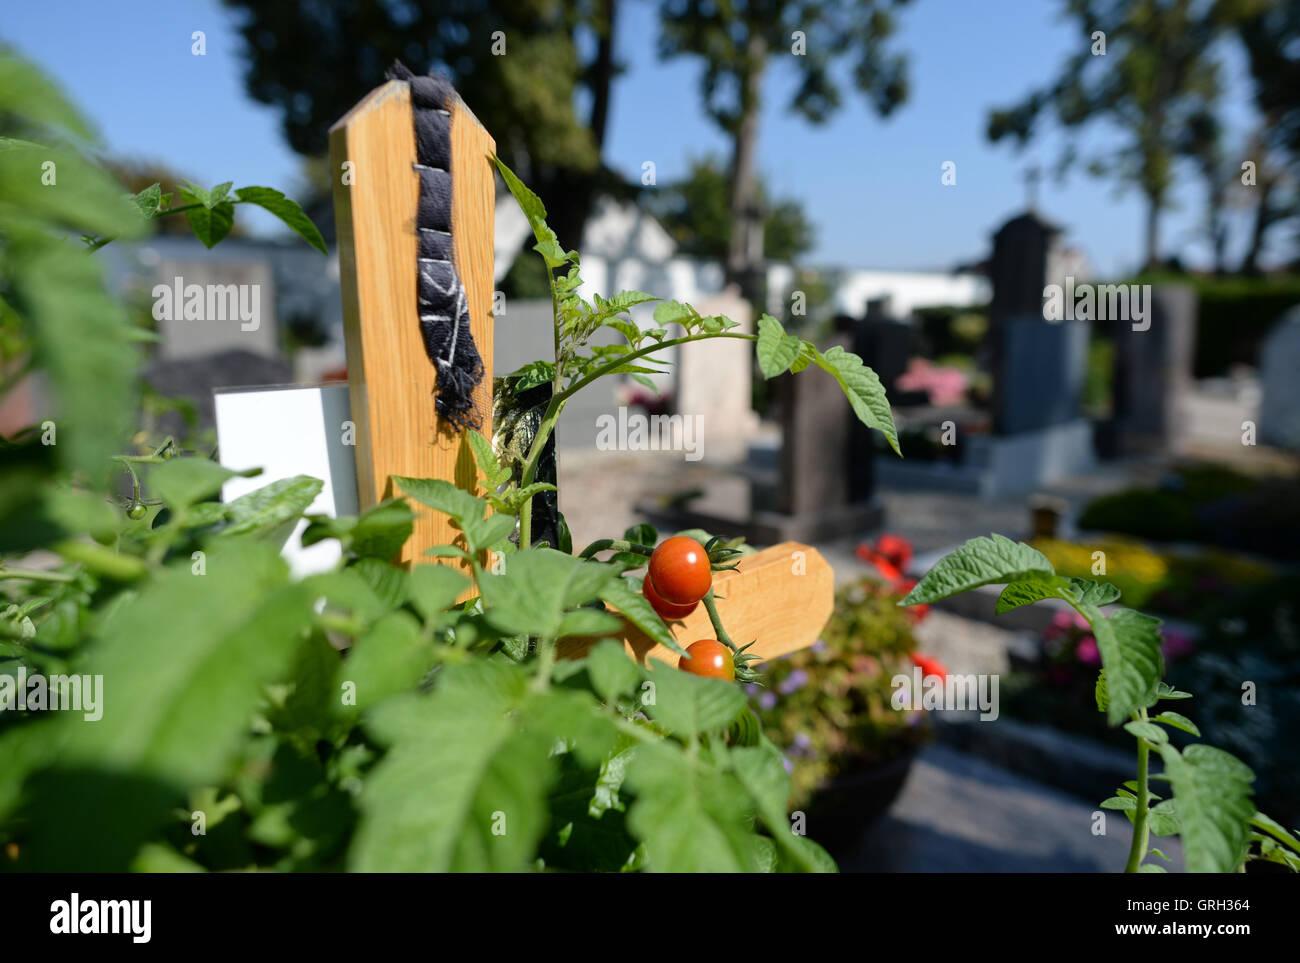 Tomates rojos colgando de una planta en una tumba en el cementerio viejo en Franziskanerstrasse en Neuburg an der Imagen De Stock